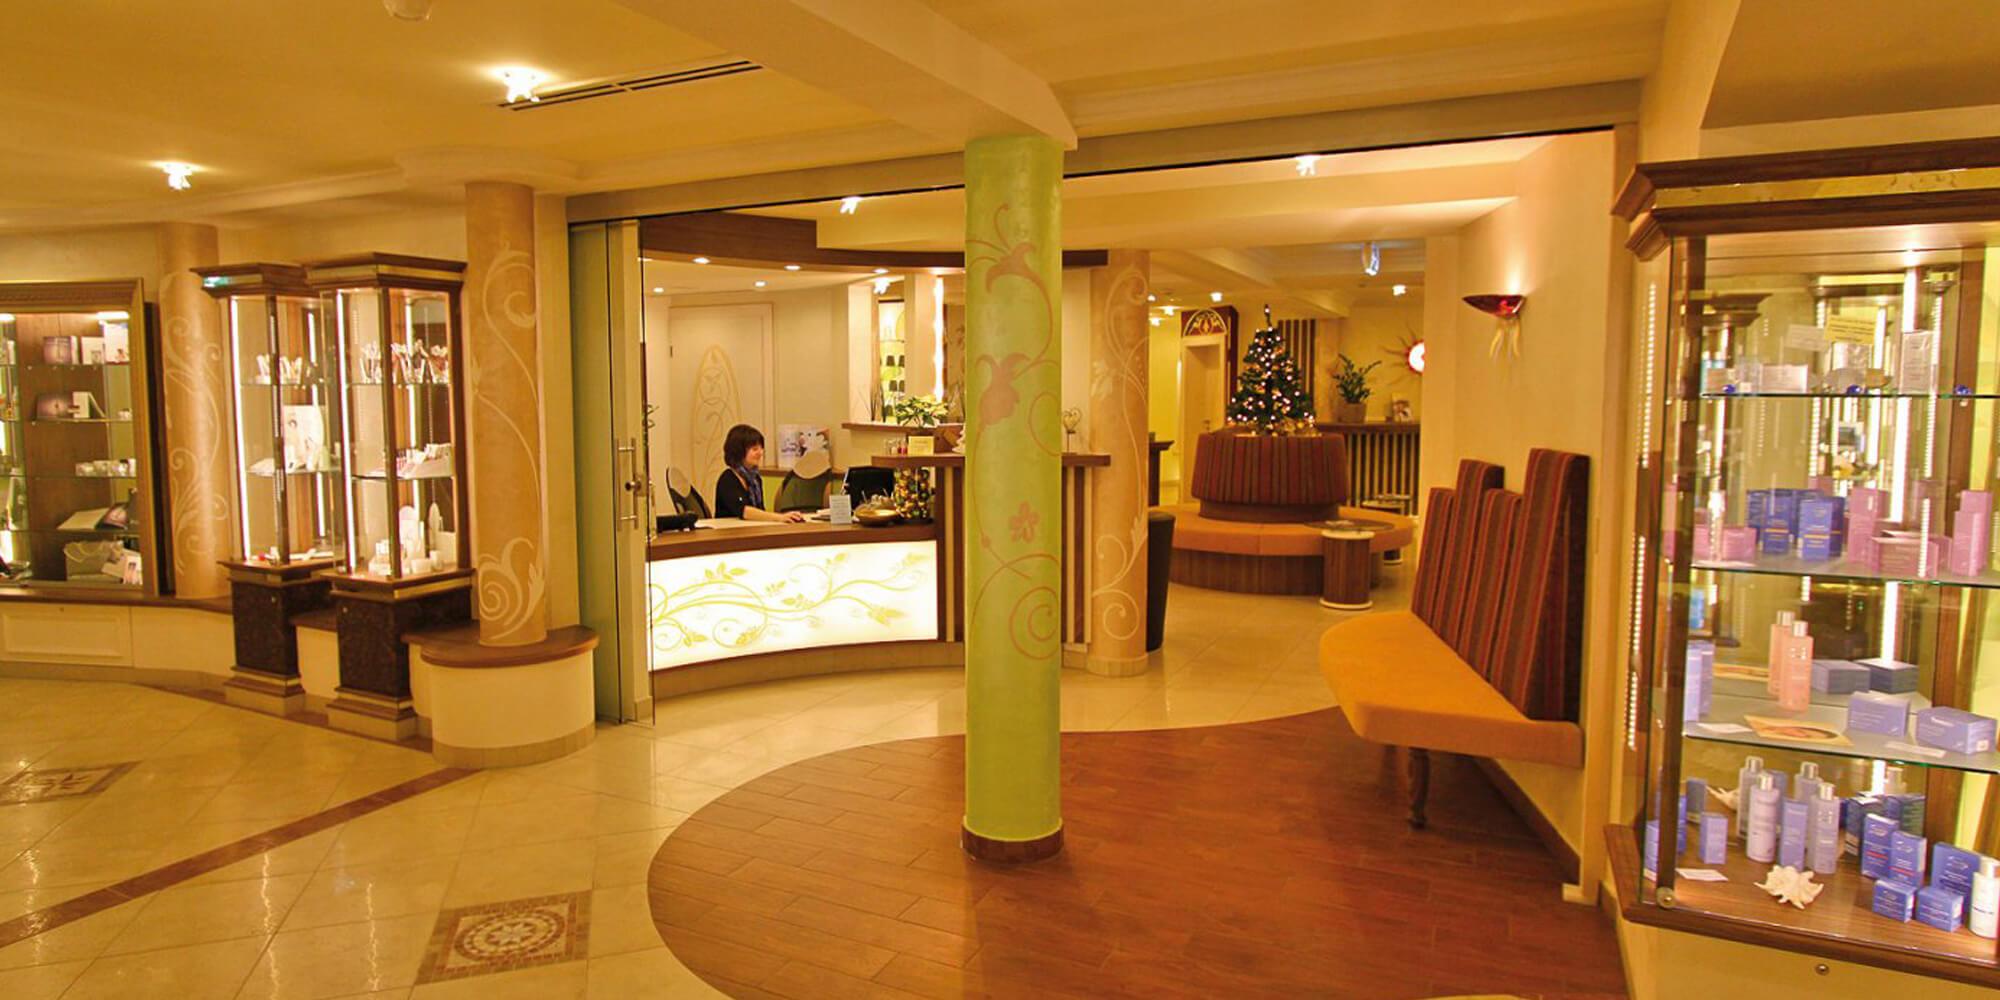 Crea-Plan-Design-Rauch-Frühmann-Architektur-Innenarchitektur-Design-Projekt-Referenz-Hotelerie-Gastronomie-Hotel-Bergknappenhof-Beauty-1